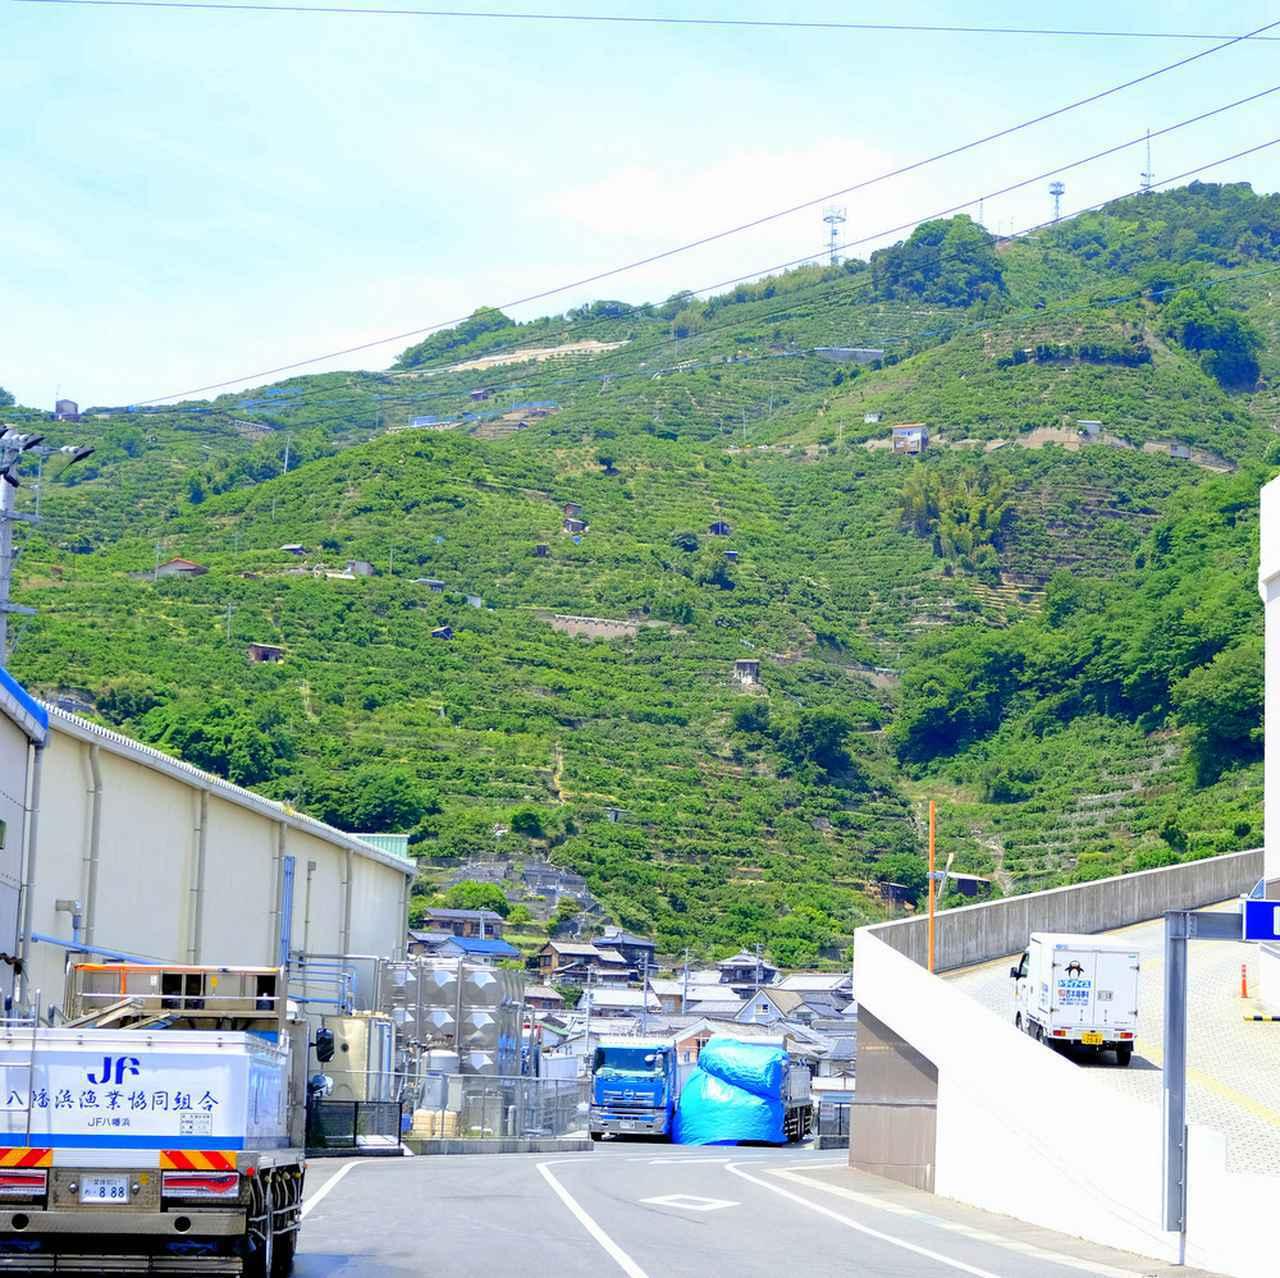 画像: 商店街をレンタサイクルで抜けて海のほうへ。港に向かったつもりが山へと出ました。八幡浜では緑の山と青い海とが接していて良い景観です。山は見渡す限り全部みかん畑!?